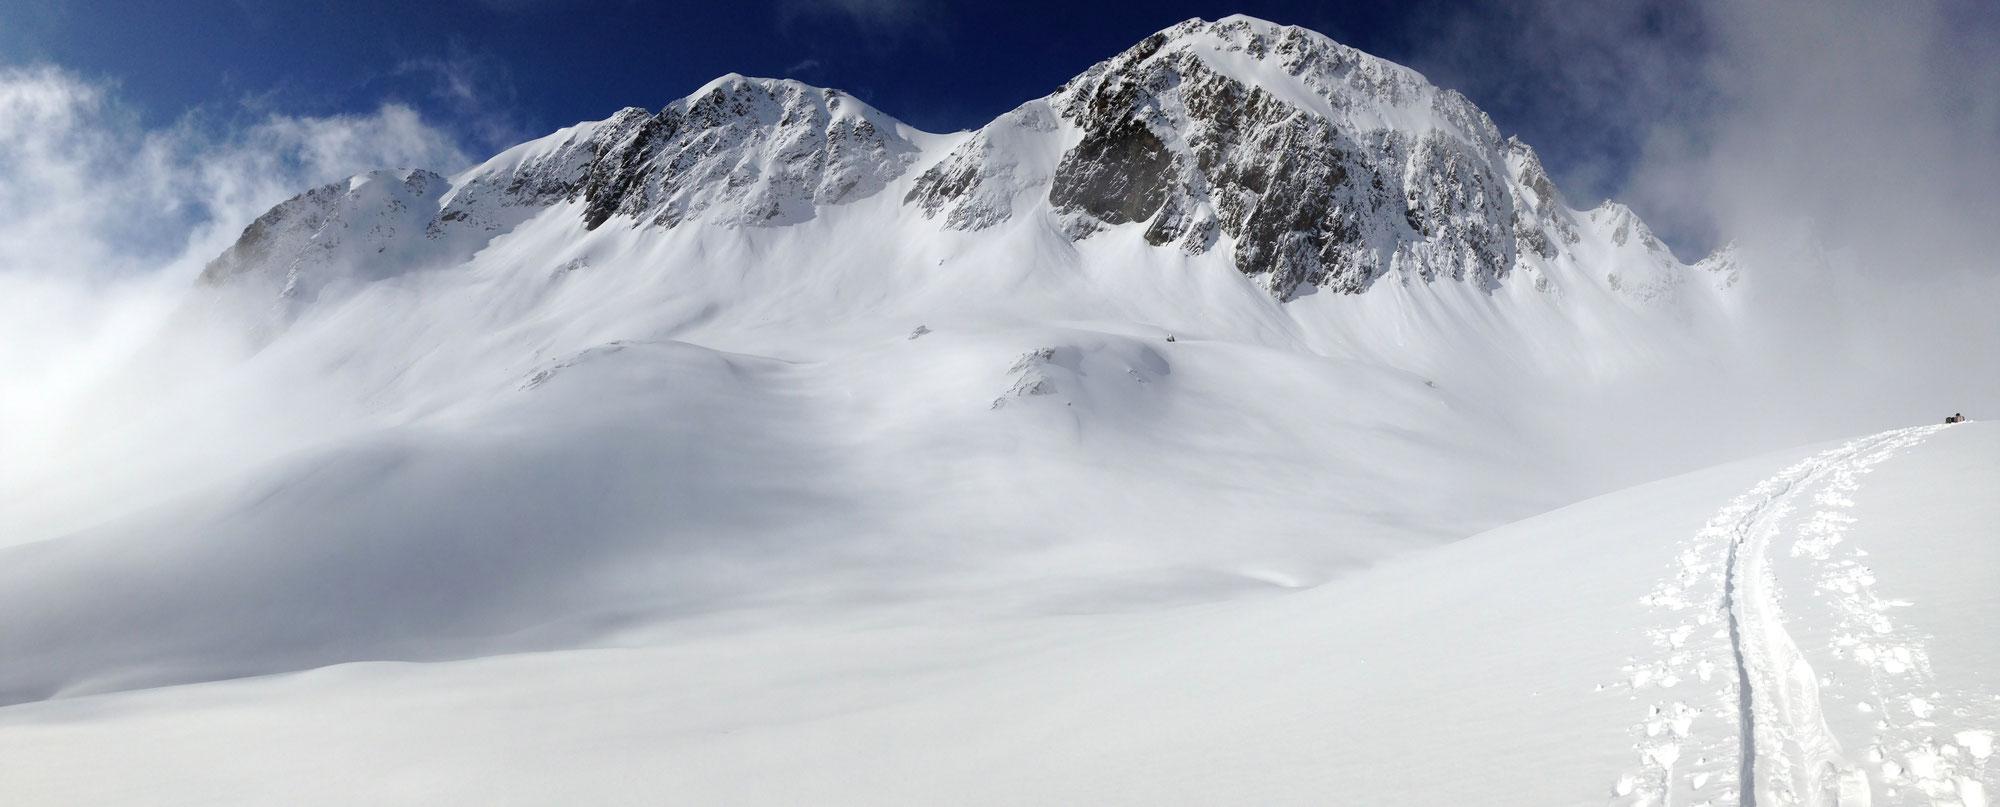 """""""La montagne est avant tout un espace où l'homme doit s'adapter au milieu, en apprenant à le connaître et à le respecter... et non l'inverse."""""""